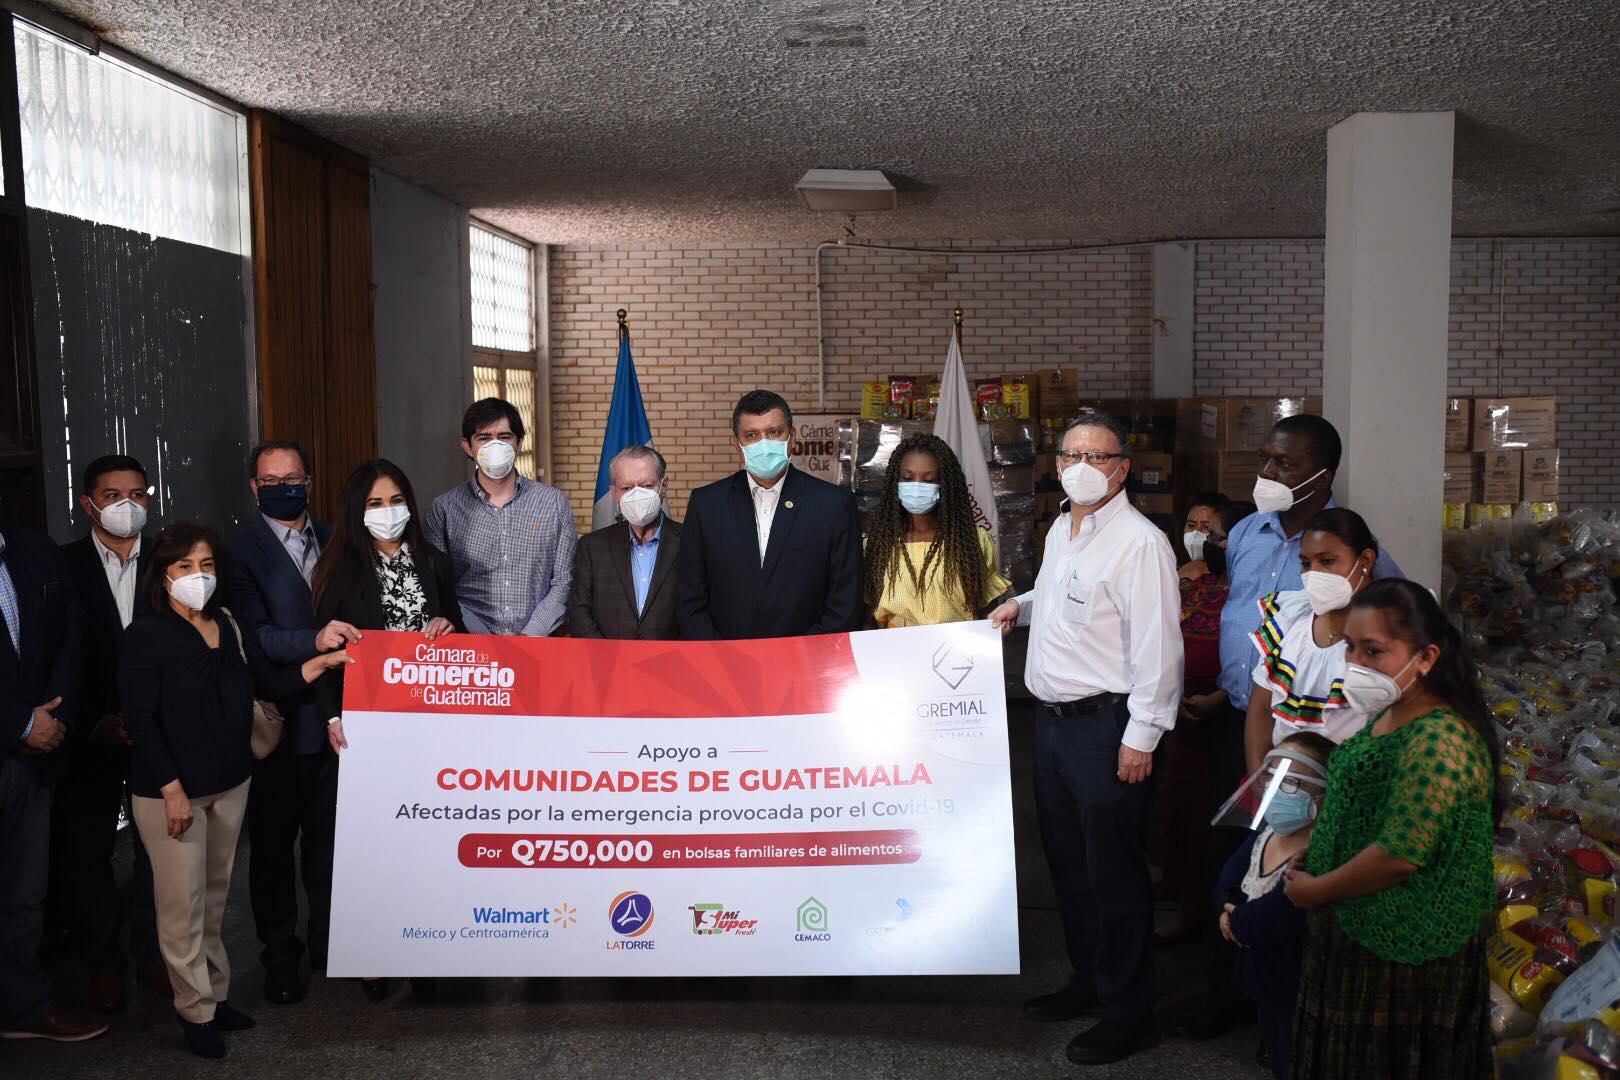 Cámara de Comercio y vicepresidente Guillermo Castillo entregan donación de alimentos